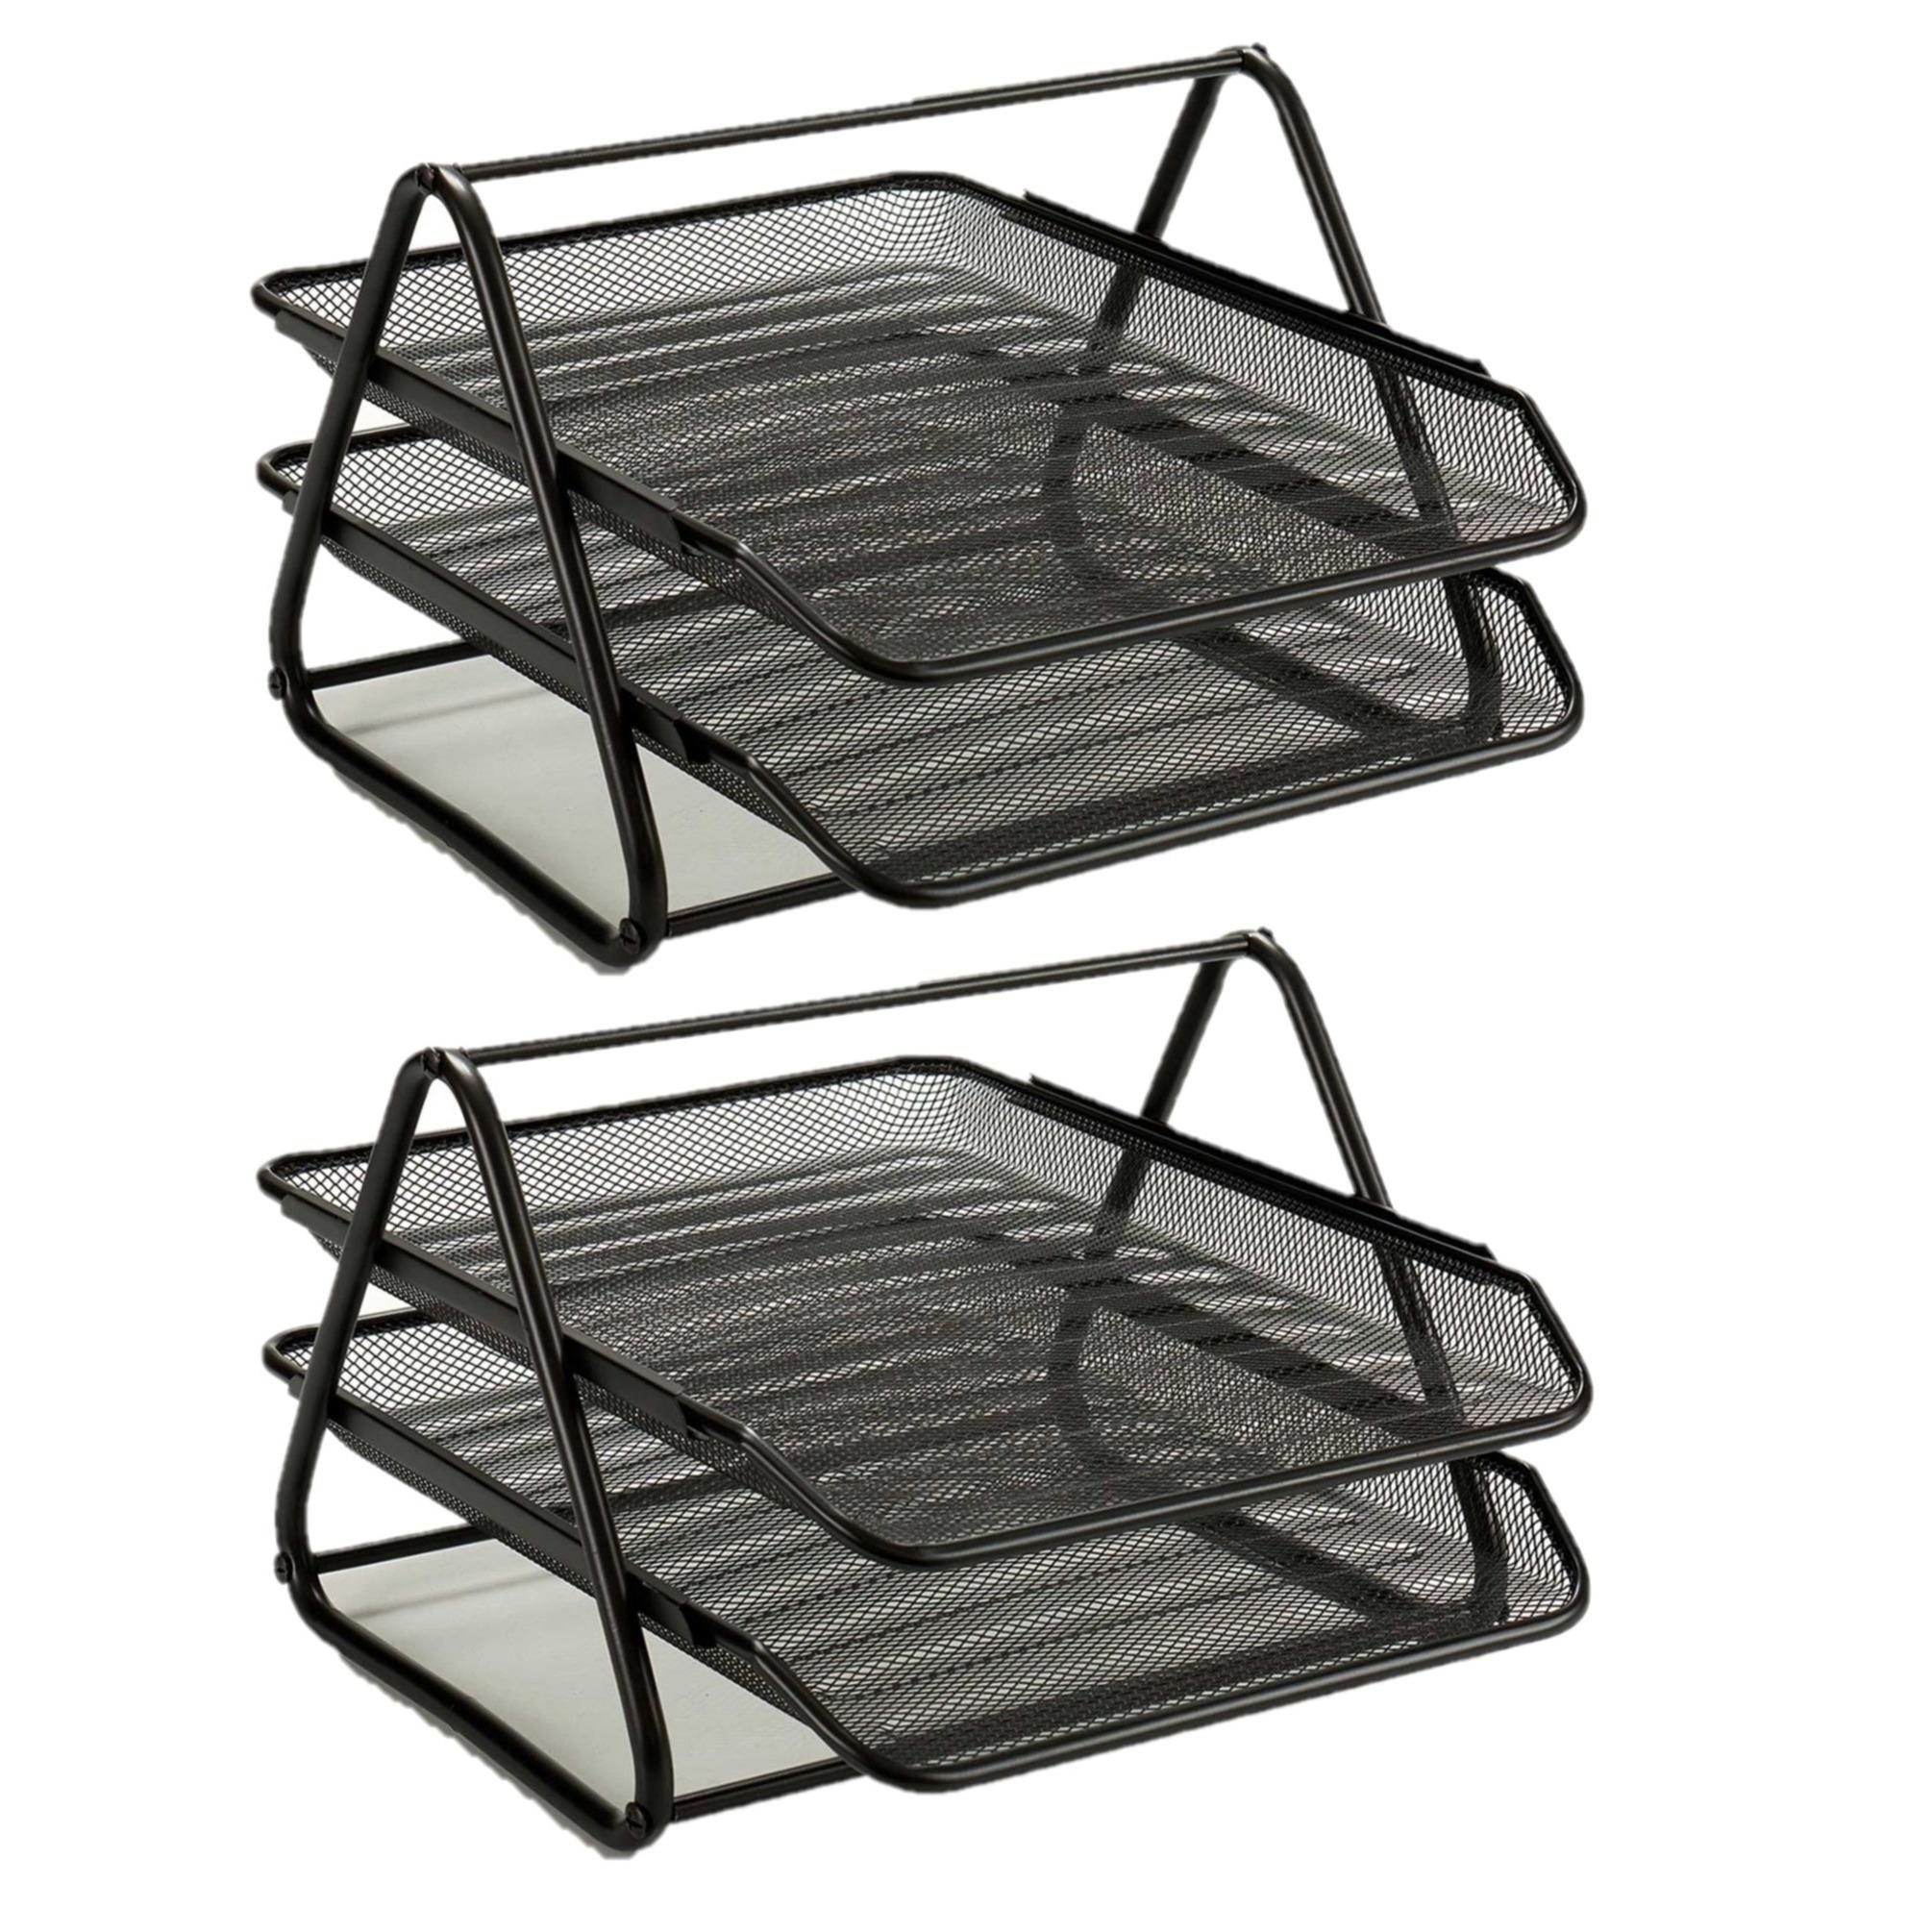 2x stuks postbakjejes postbakjes metaal zwart a4 formaat